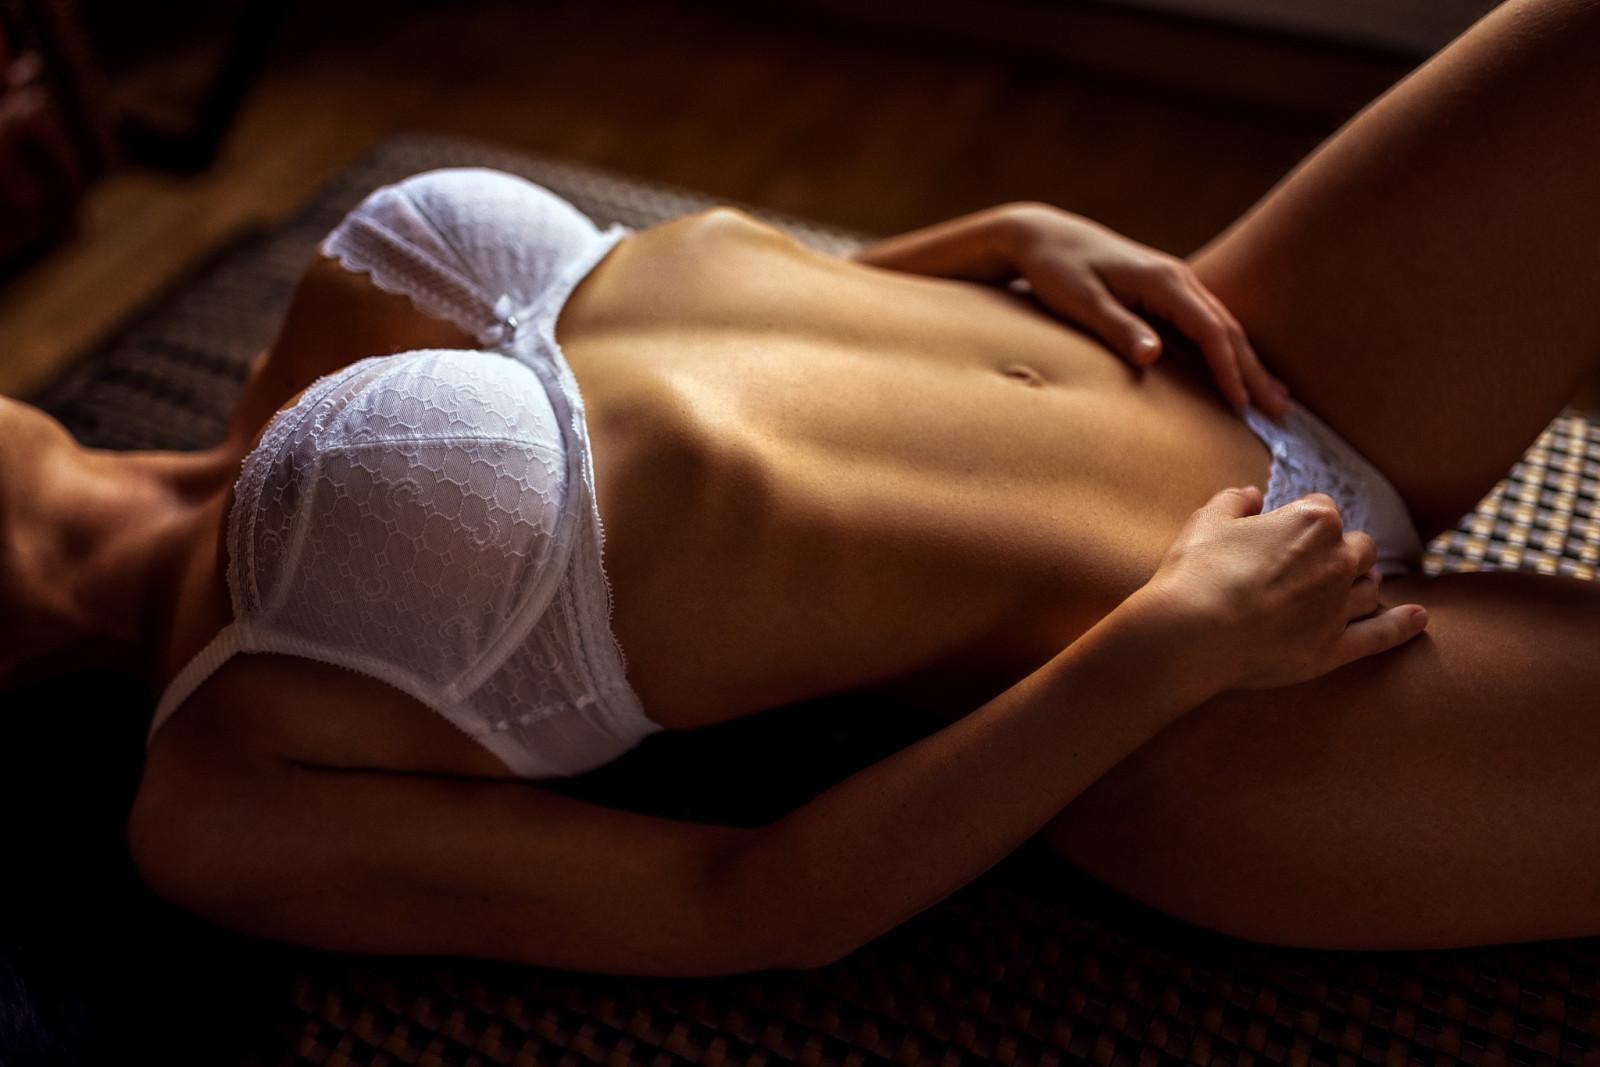 Фото голое женское тело, Голое тело - красивое женское тело нагишом - интим фото 12 фотография